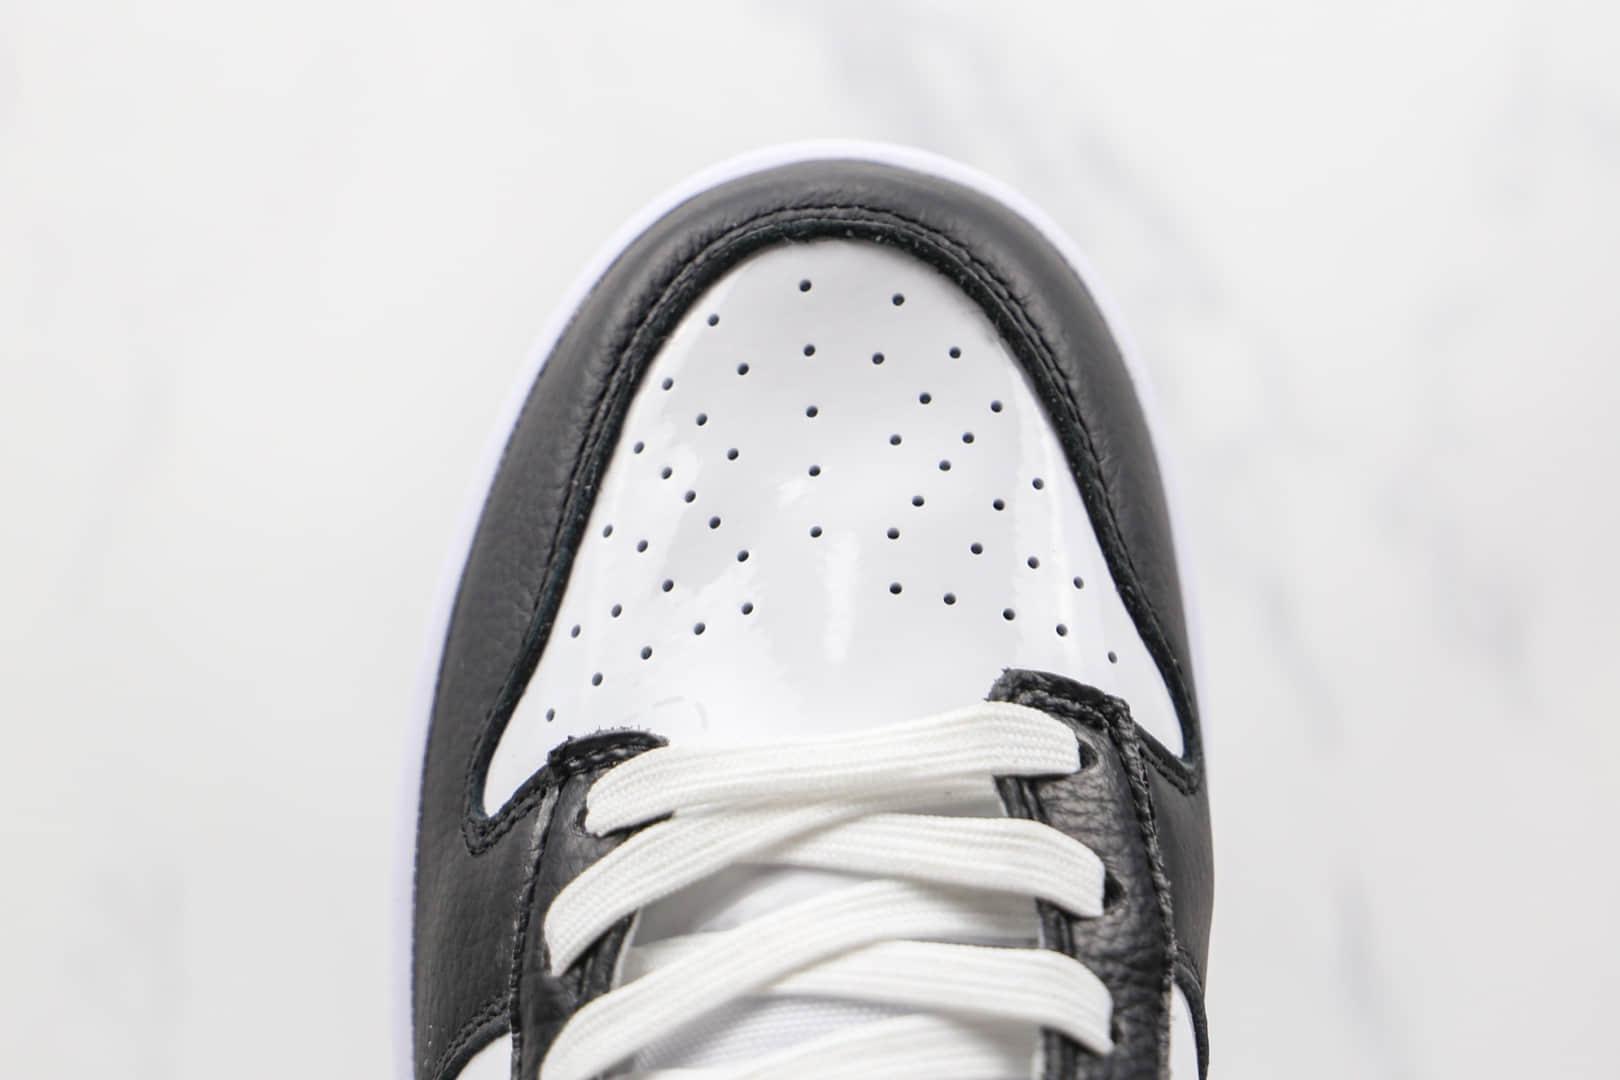 耐克Nike Dunk Low South Korea纯原版本低帮DUNK韩国国旗黑红蓝色鸳鸯板鞋原盒原标 货号:DM7708-100